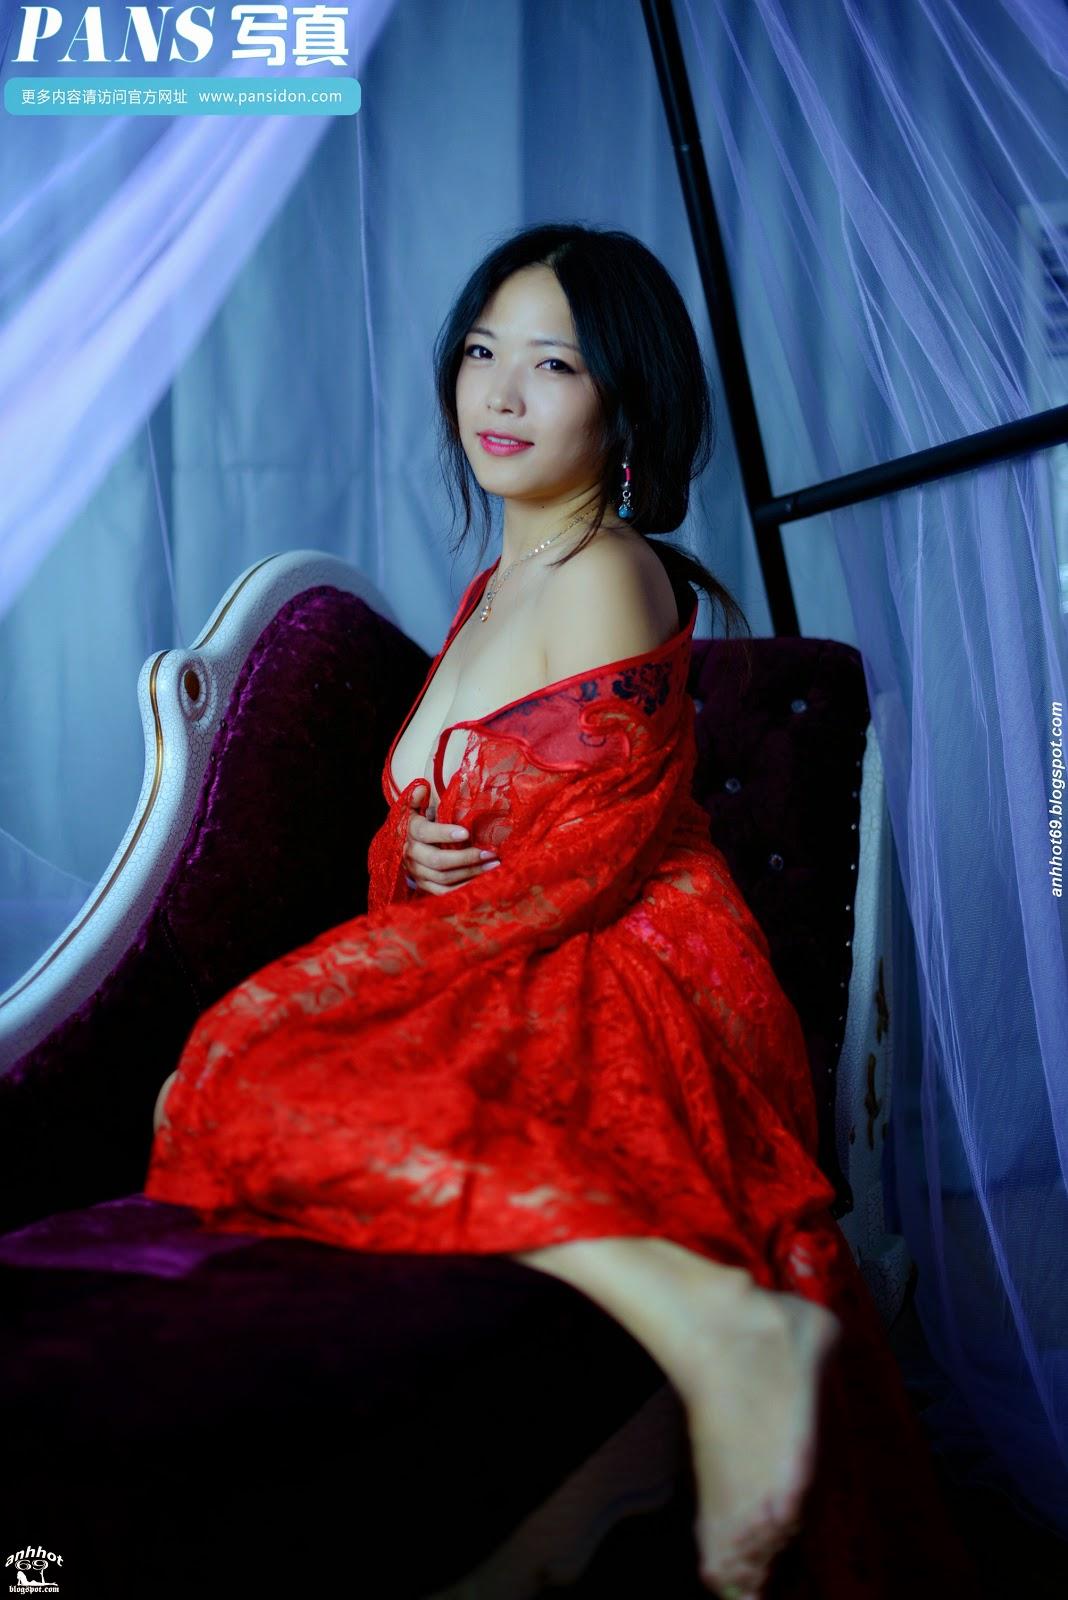 yuhan-pansidon-02851582